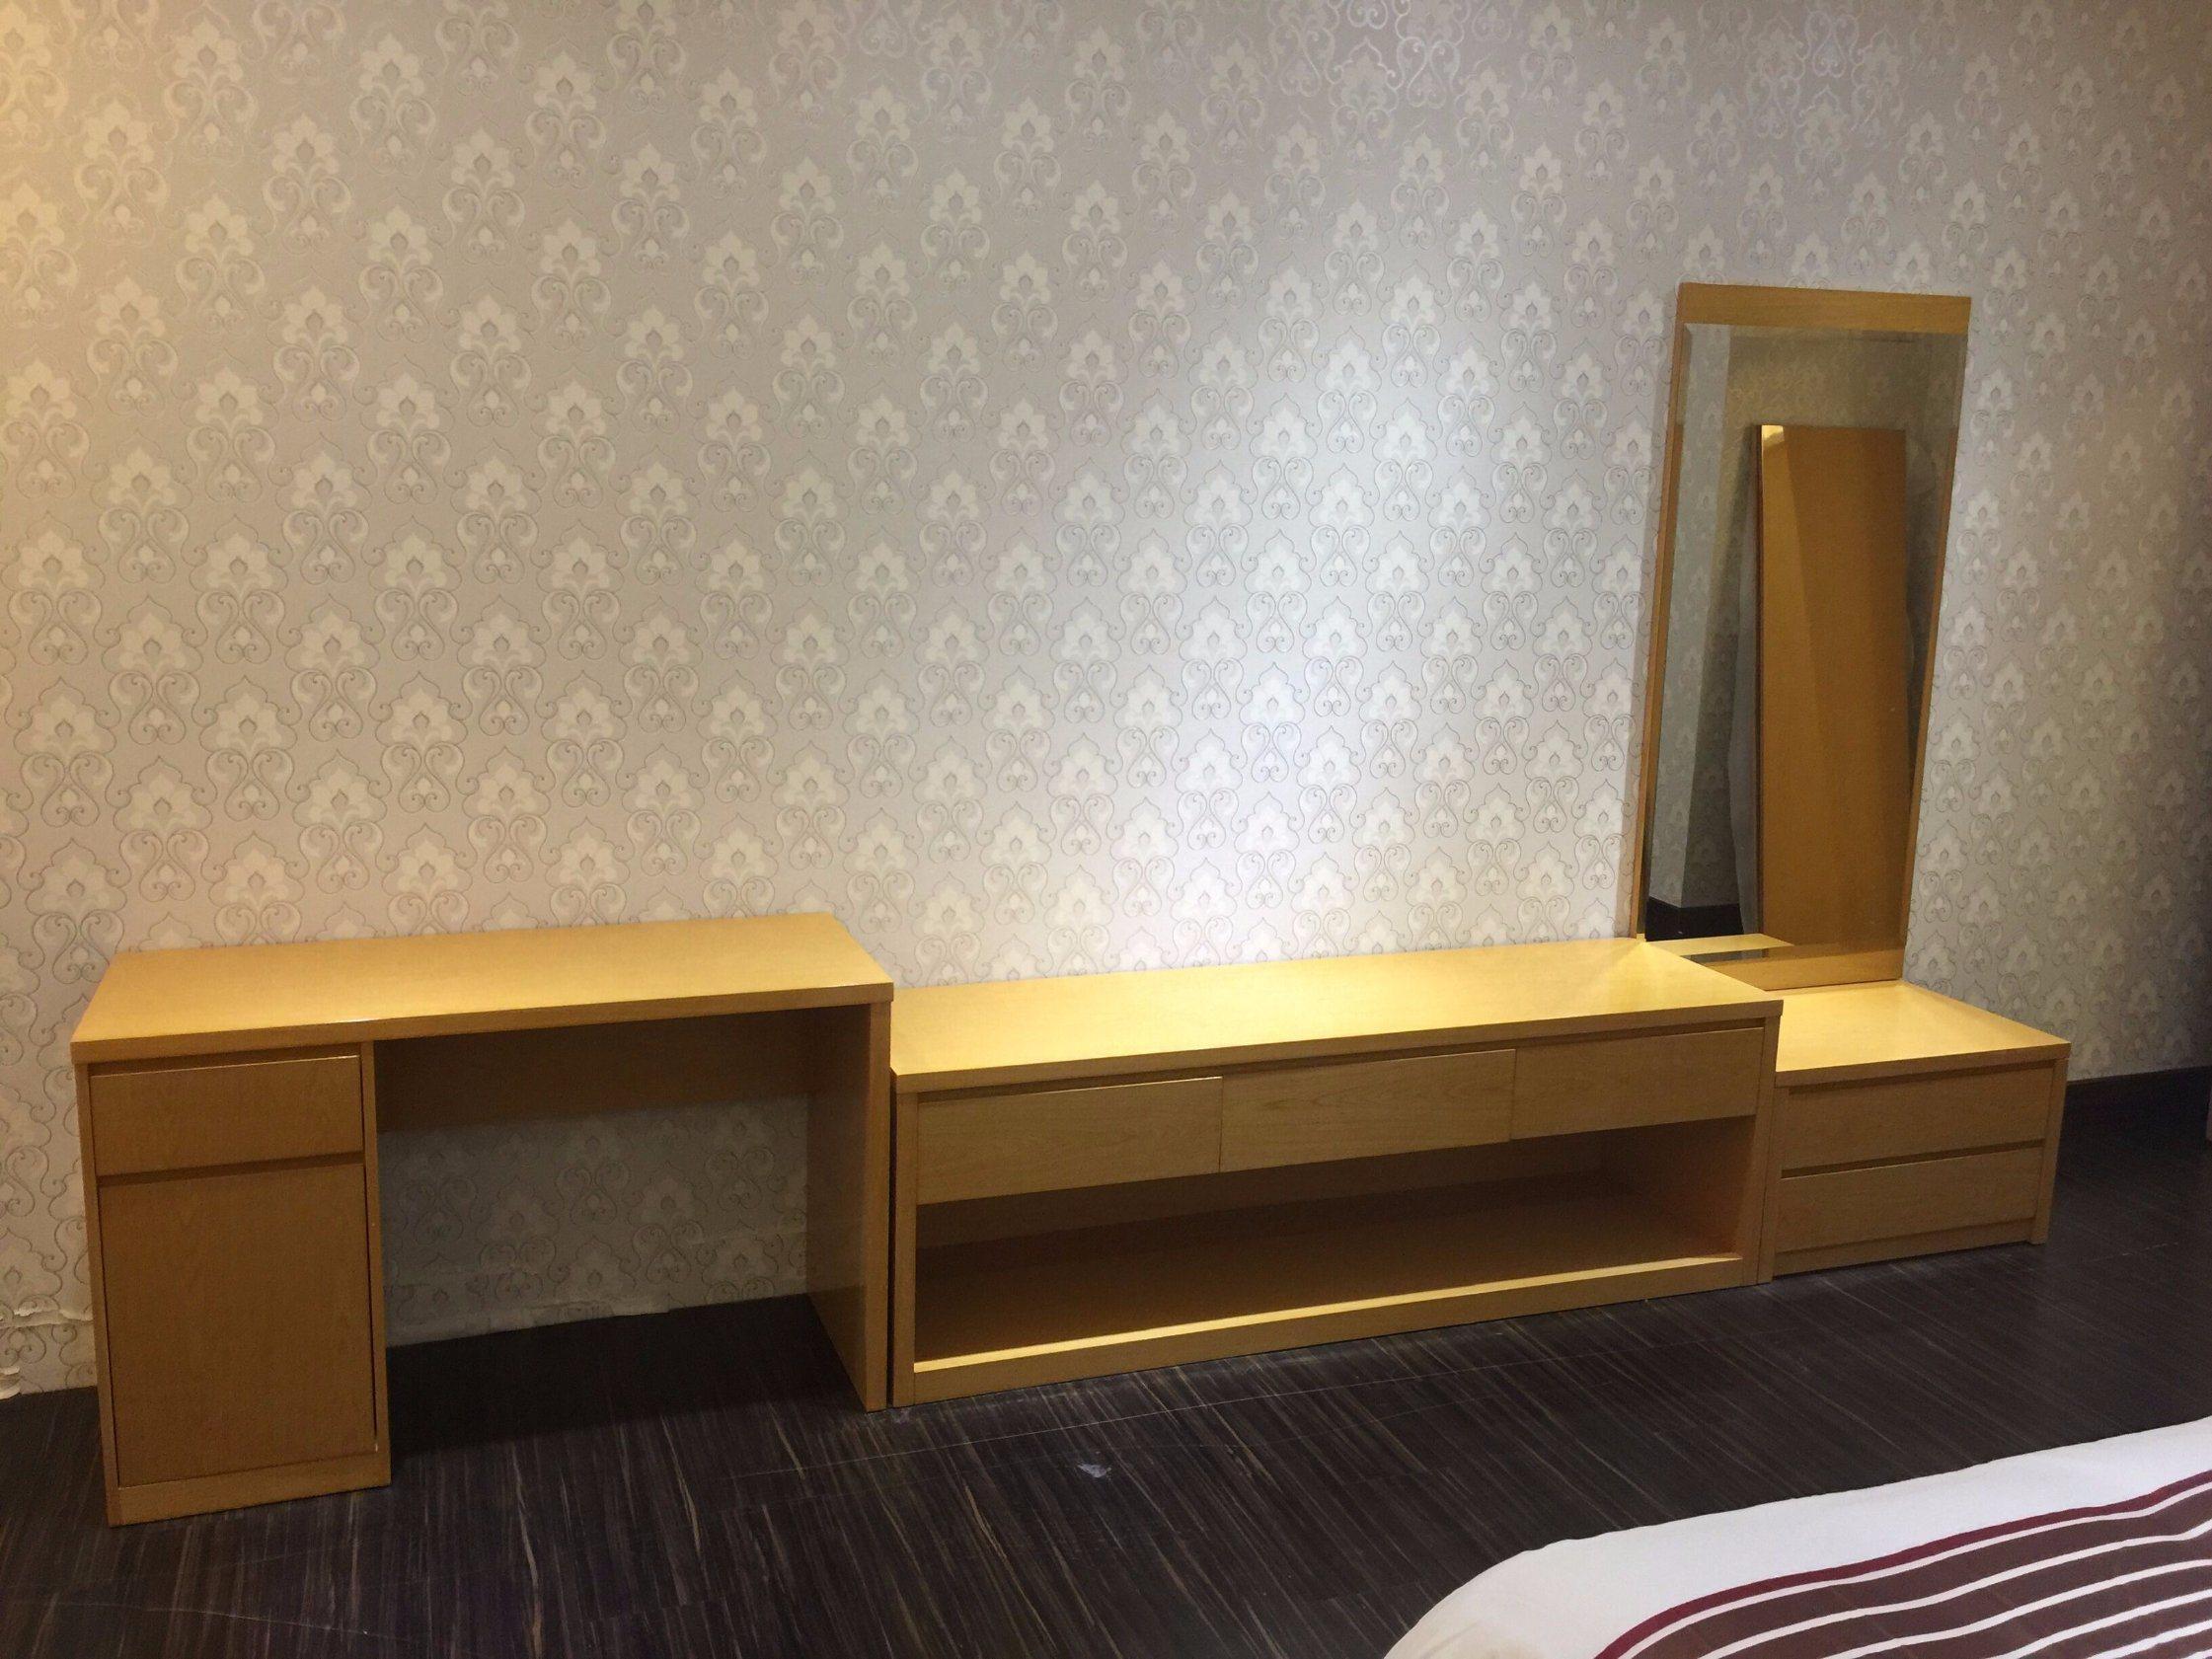 5 Star Hotel Modern Bedroom Furniture/Hilton Hotel Furniture/Standard Hotel Kingsize Bedroom Suite/Kingsize Hospitality Guest Room Furniture (KNCHB-01103)